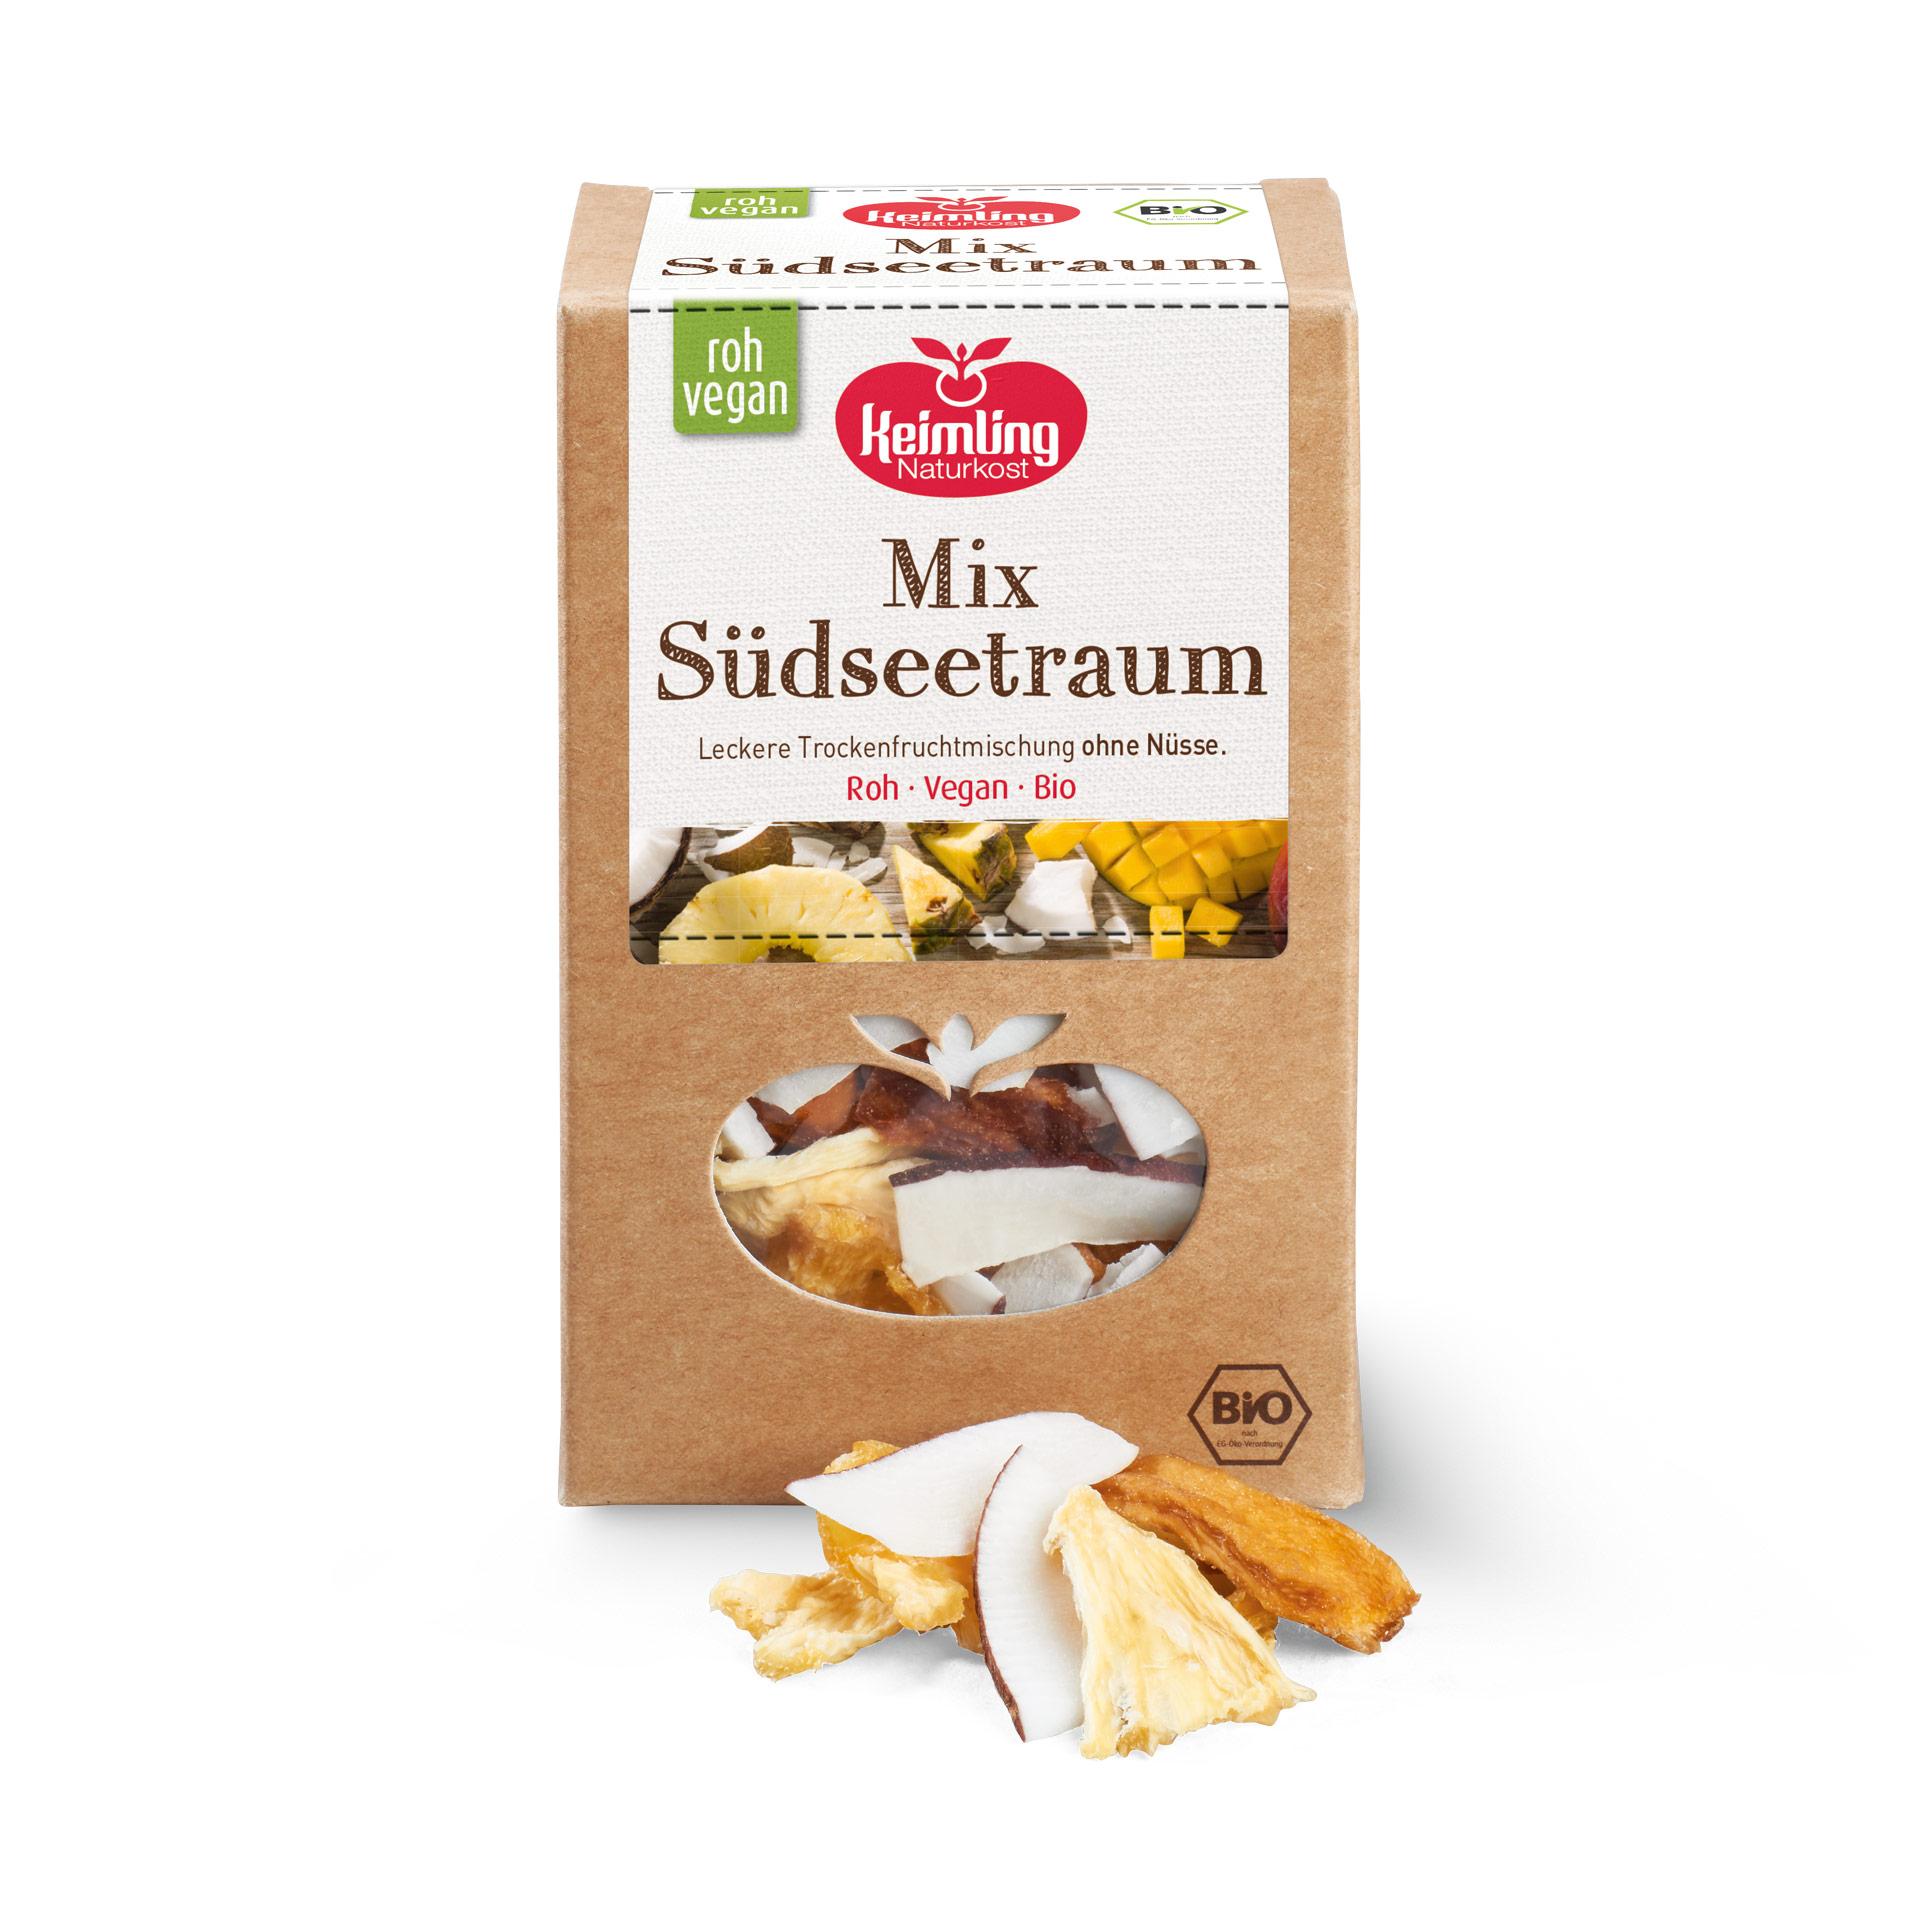 Keimling Mix Südsseetraum mit Mangostücken, Kokosnussstreifen und Ananasstücken in Rohkost-Qualität